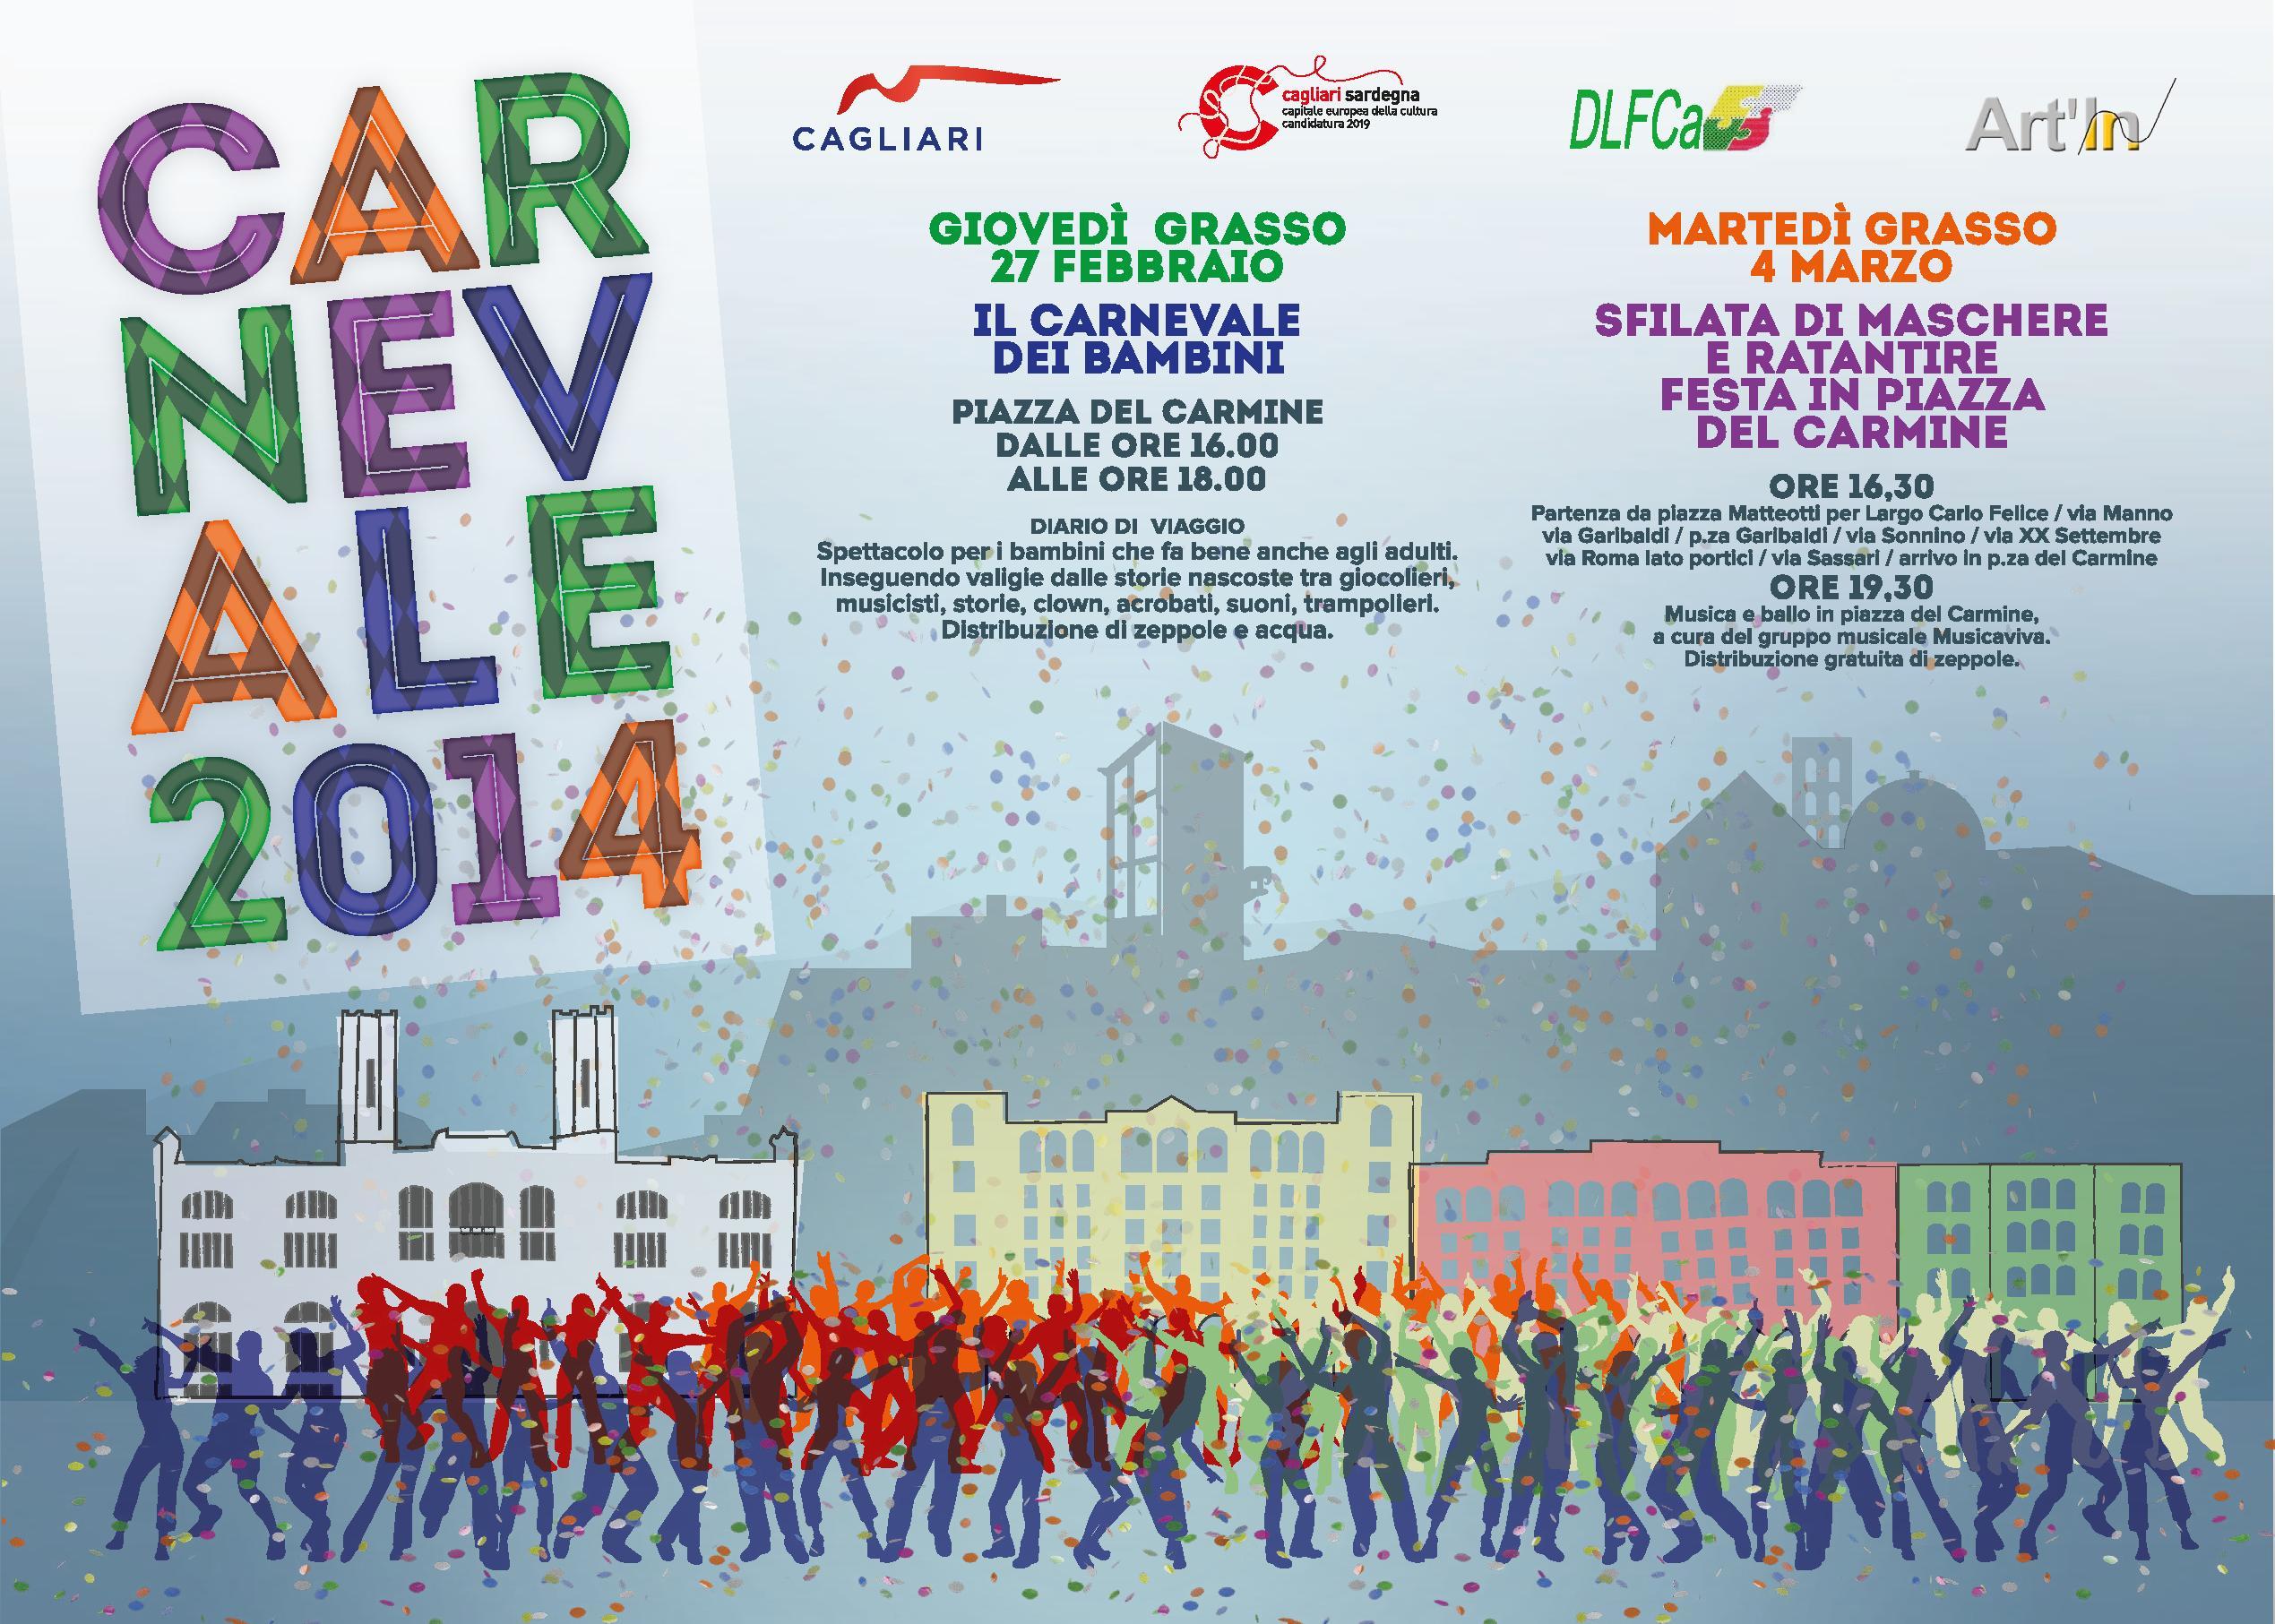 Carnevale 2014 a Cagliari Locandina